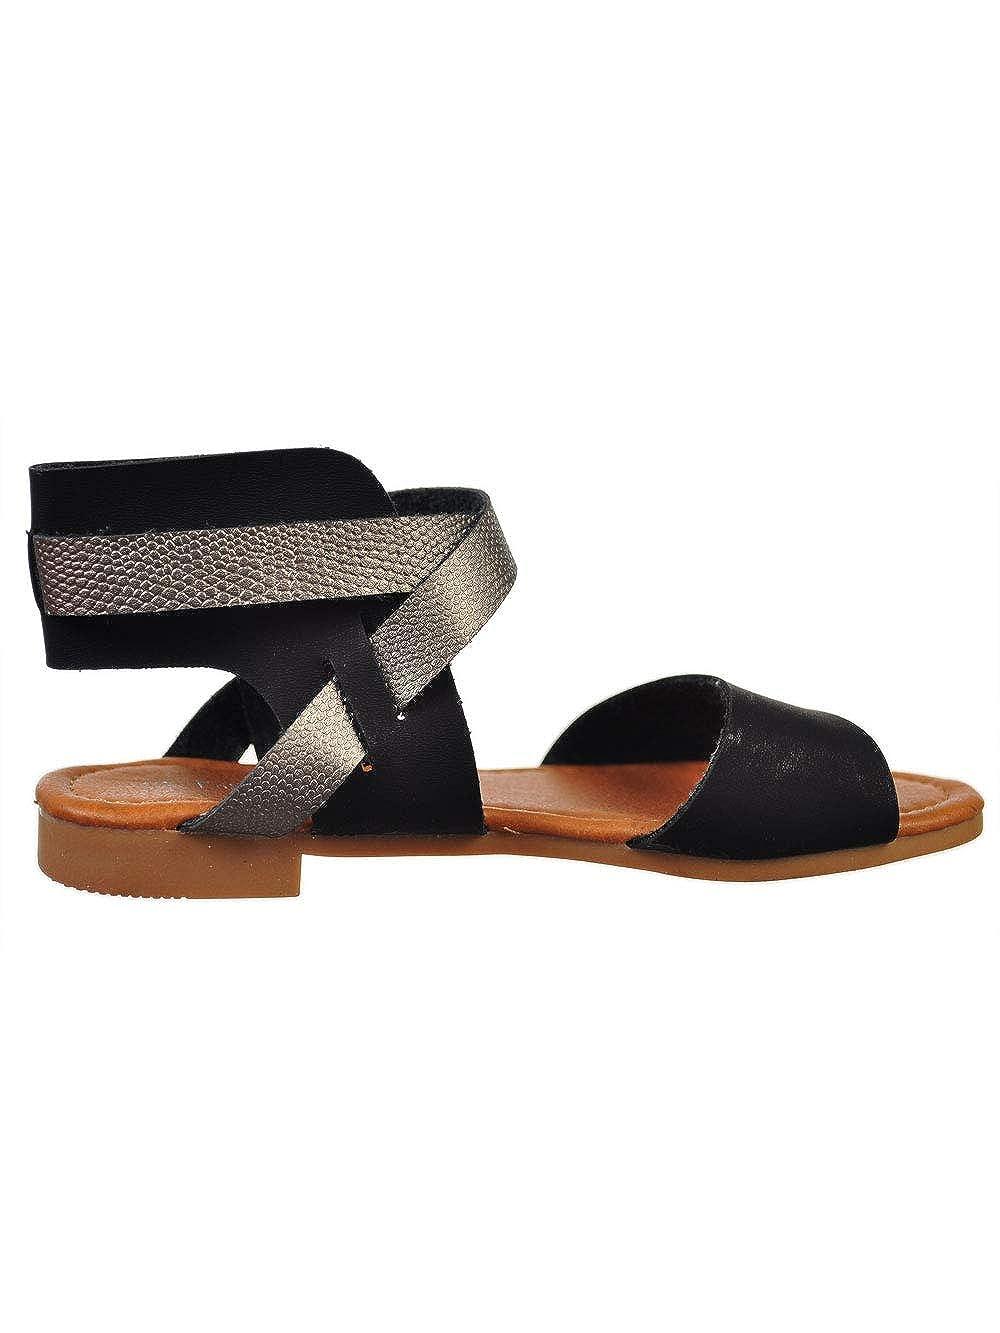 Eddie Marc Kids Girls Sandals